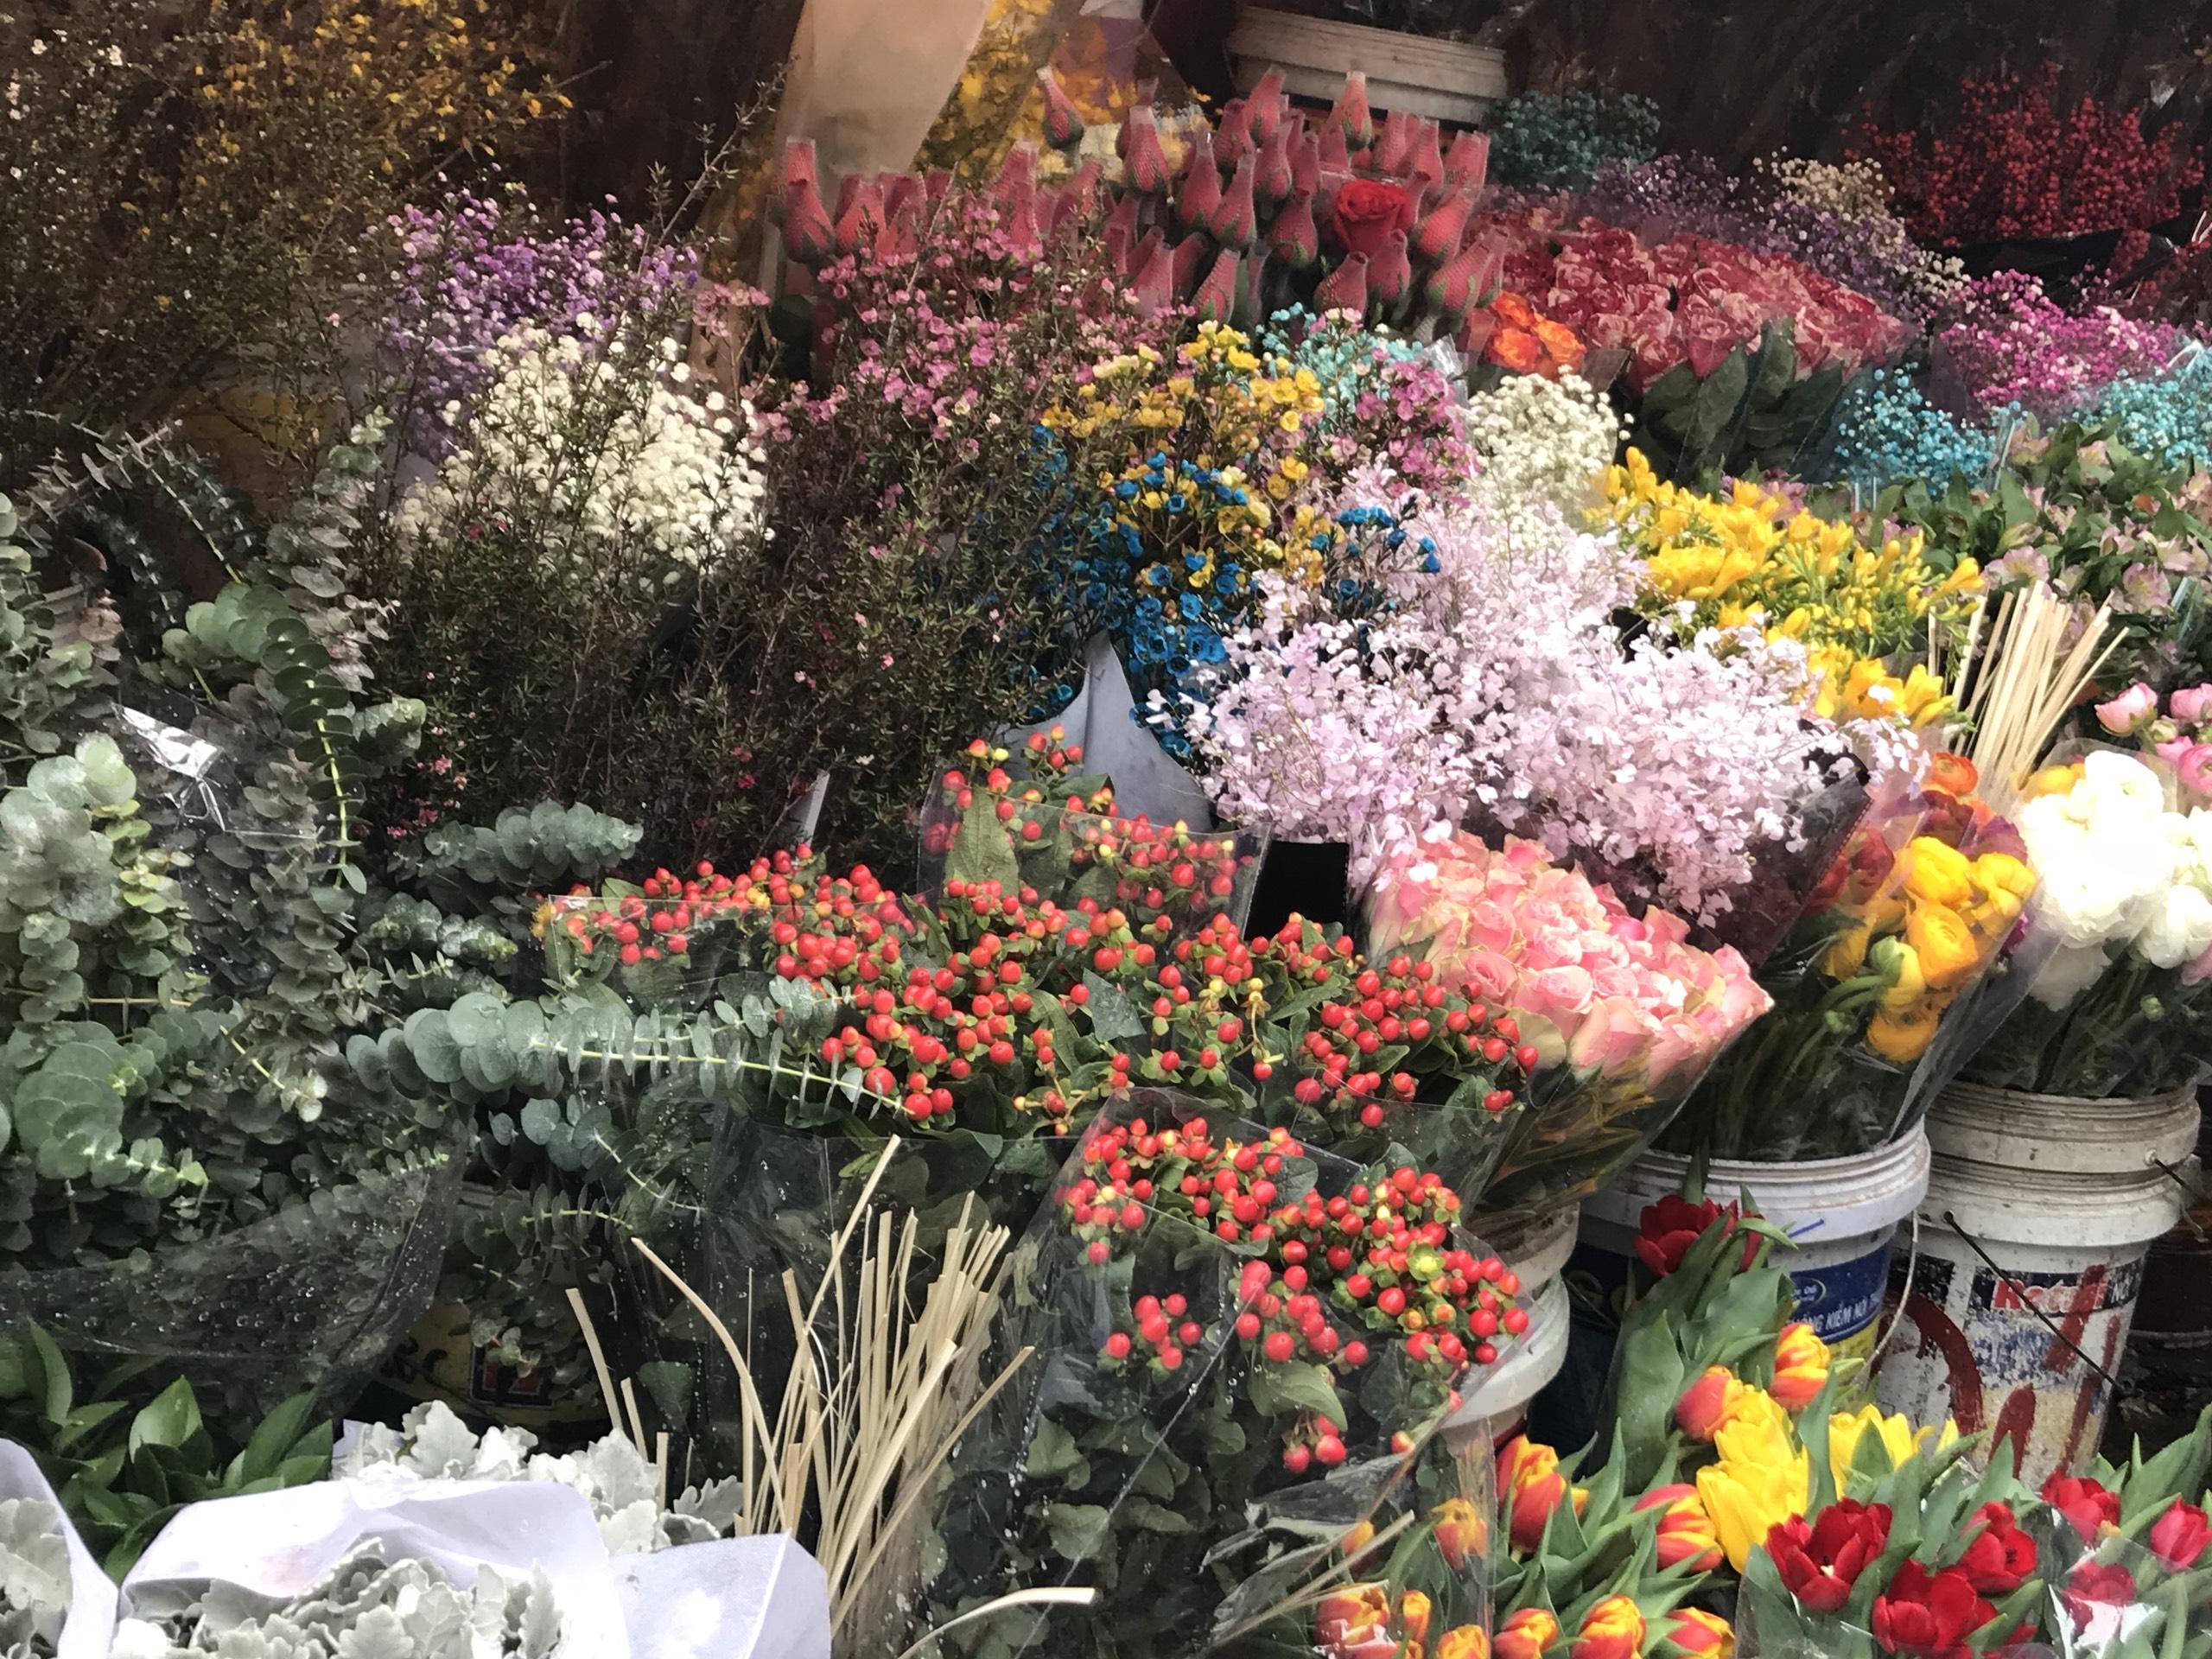 Chợ hoa Quảng An tấp nập những ngày cuối năm, đào, mai khoe sắc chào xuân mới - Ảnh 22